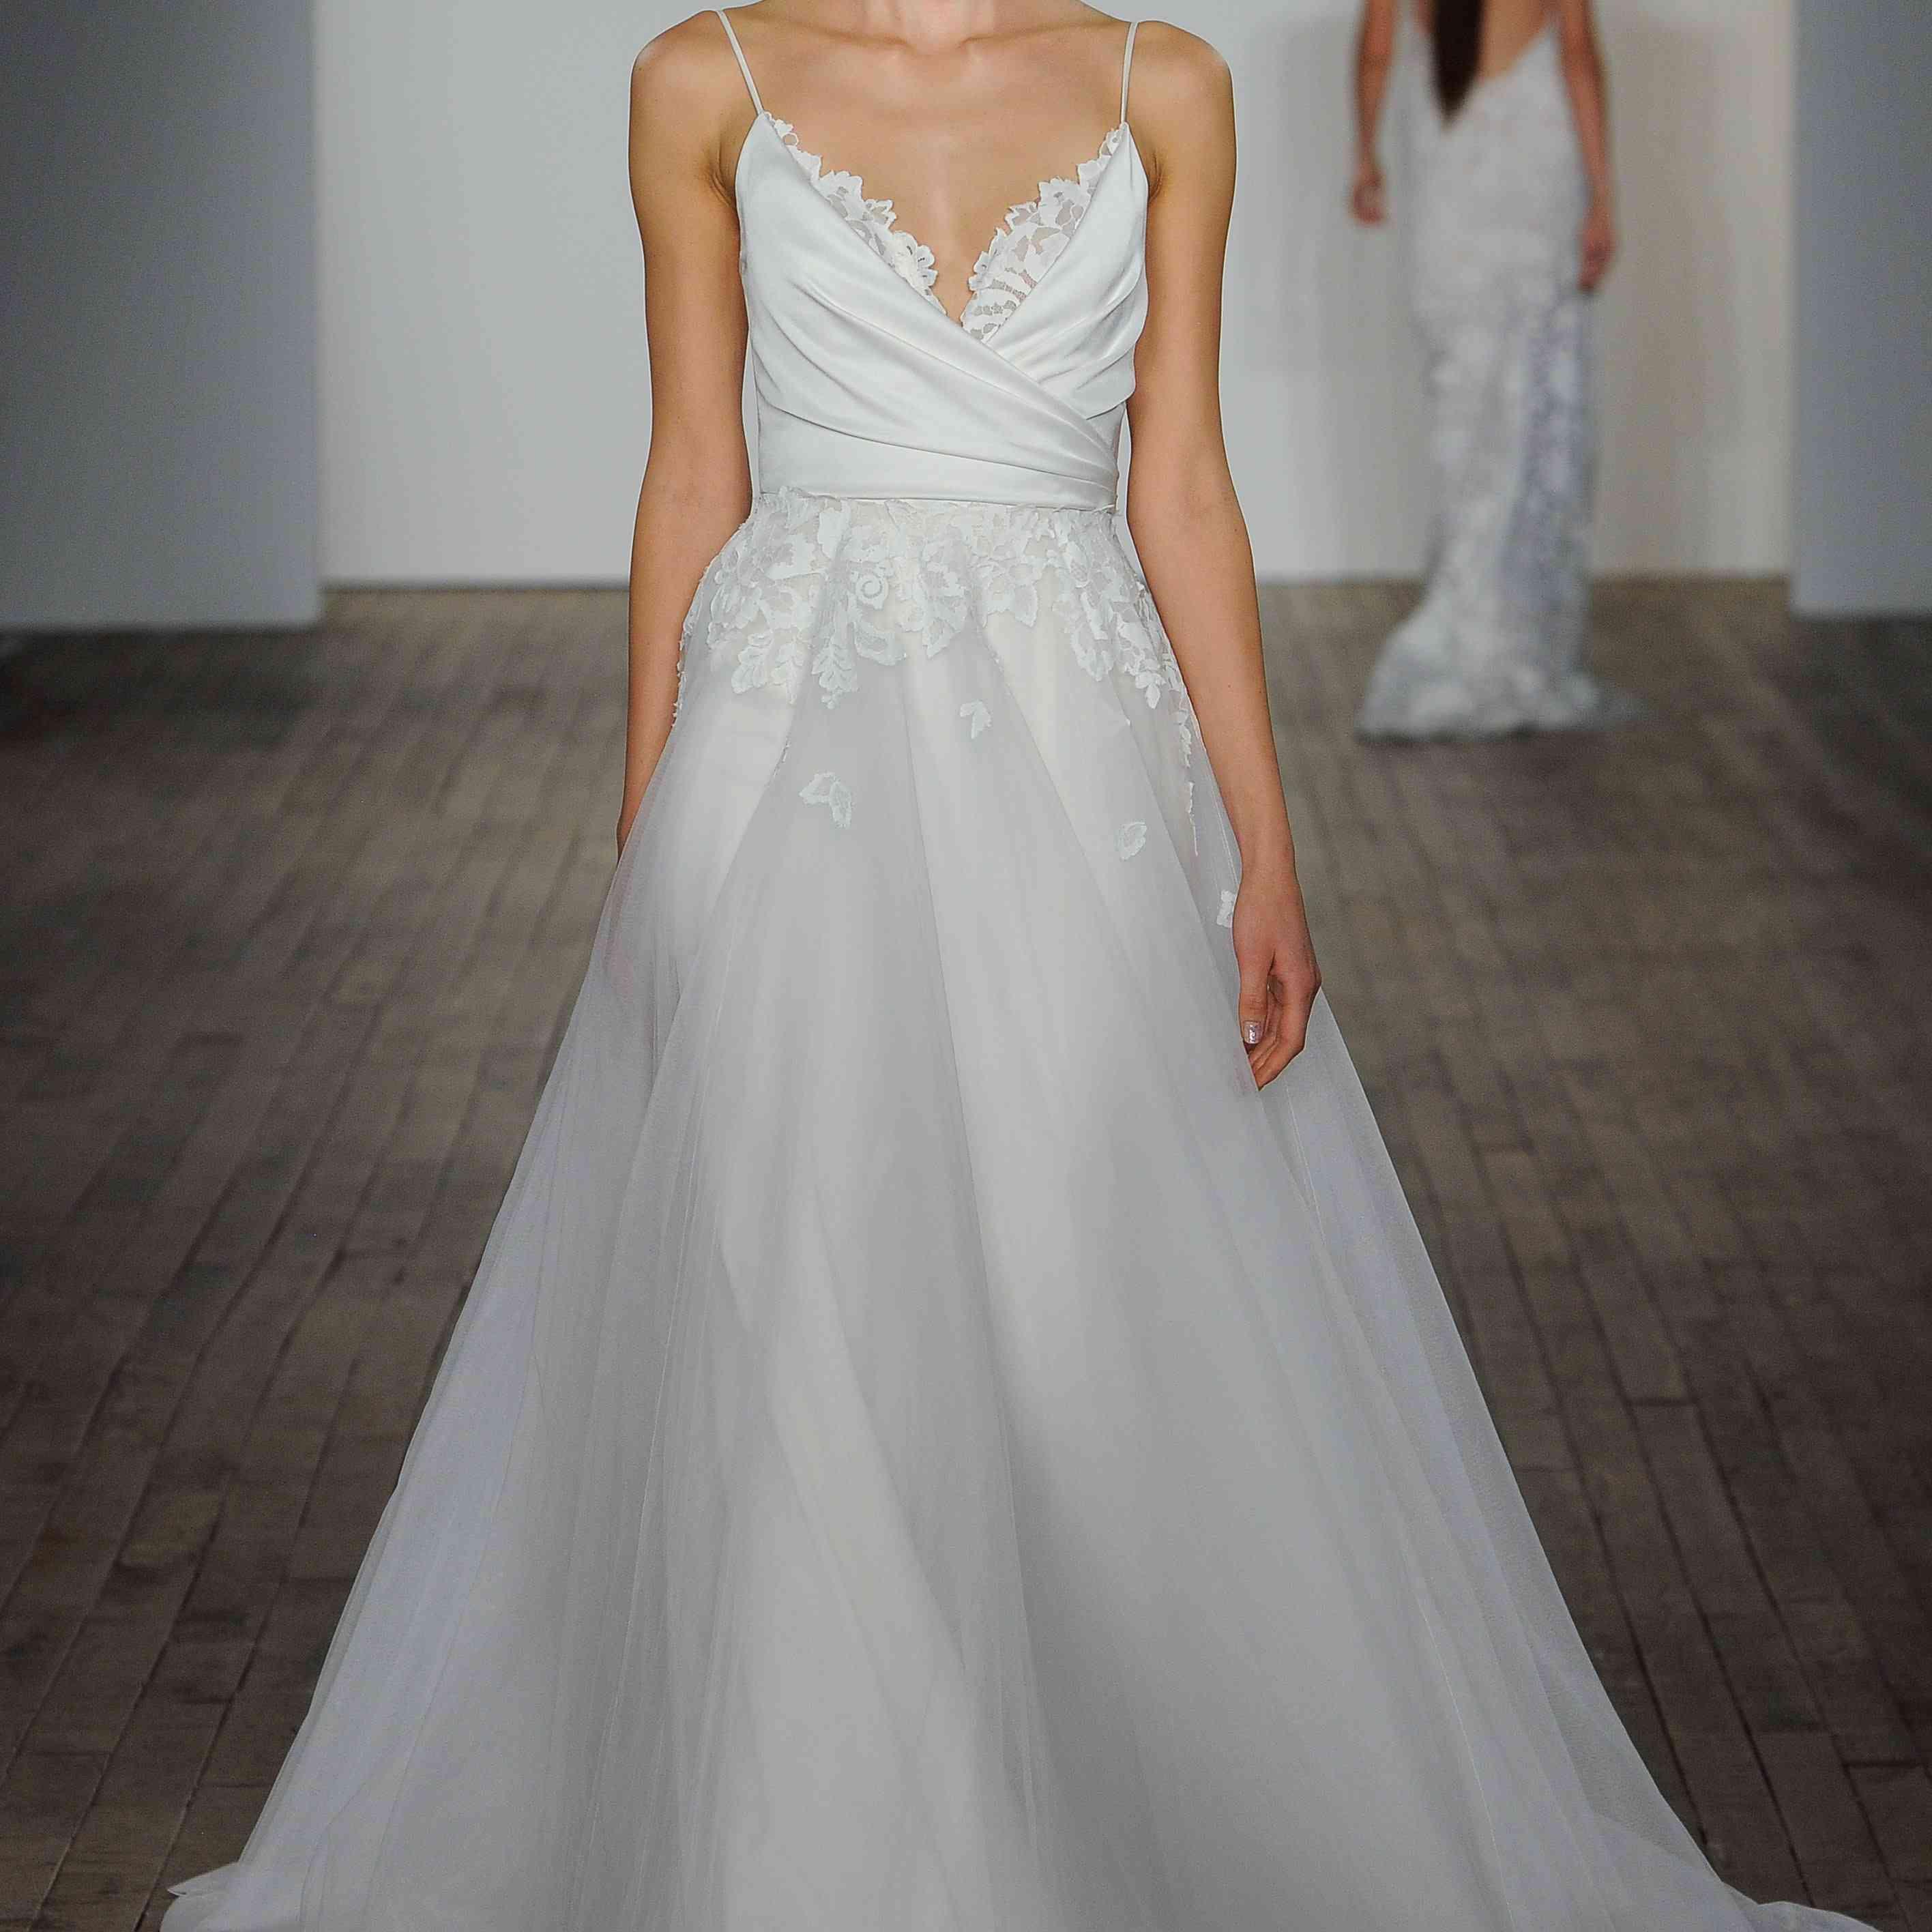 Fawn sleeveless A-line wedding dress